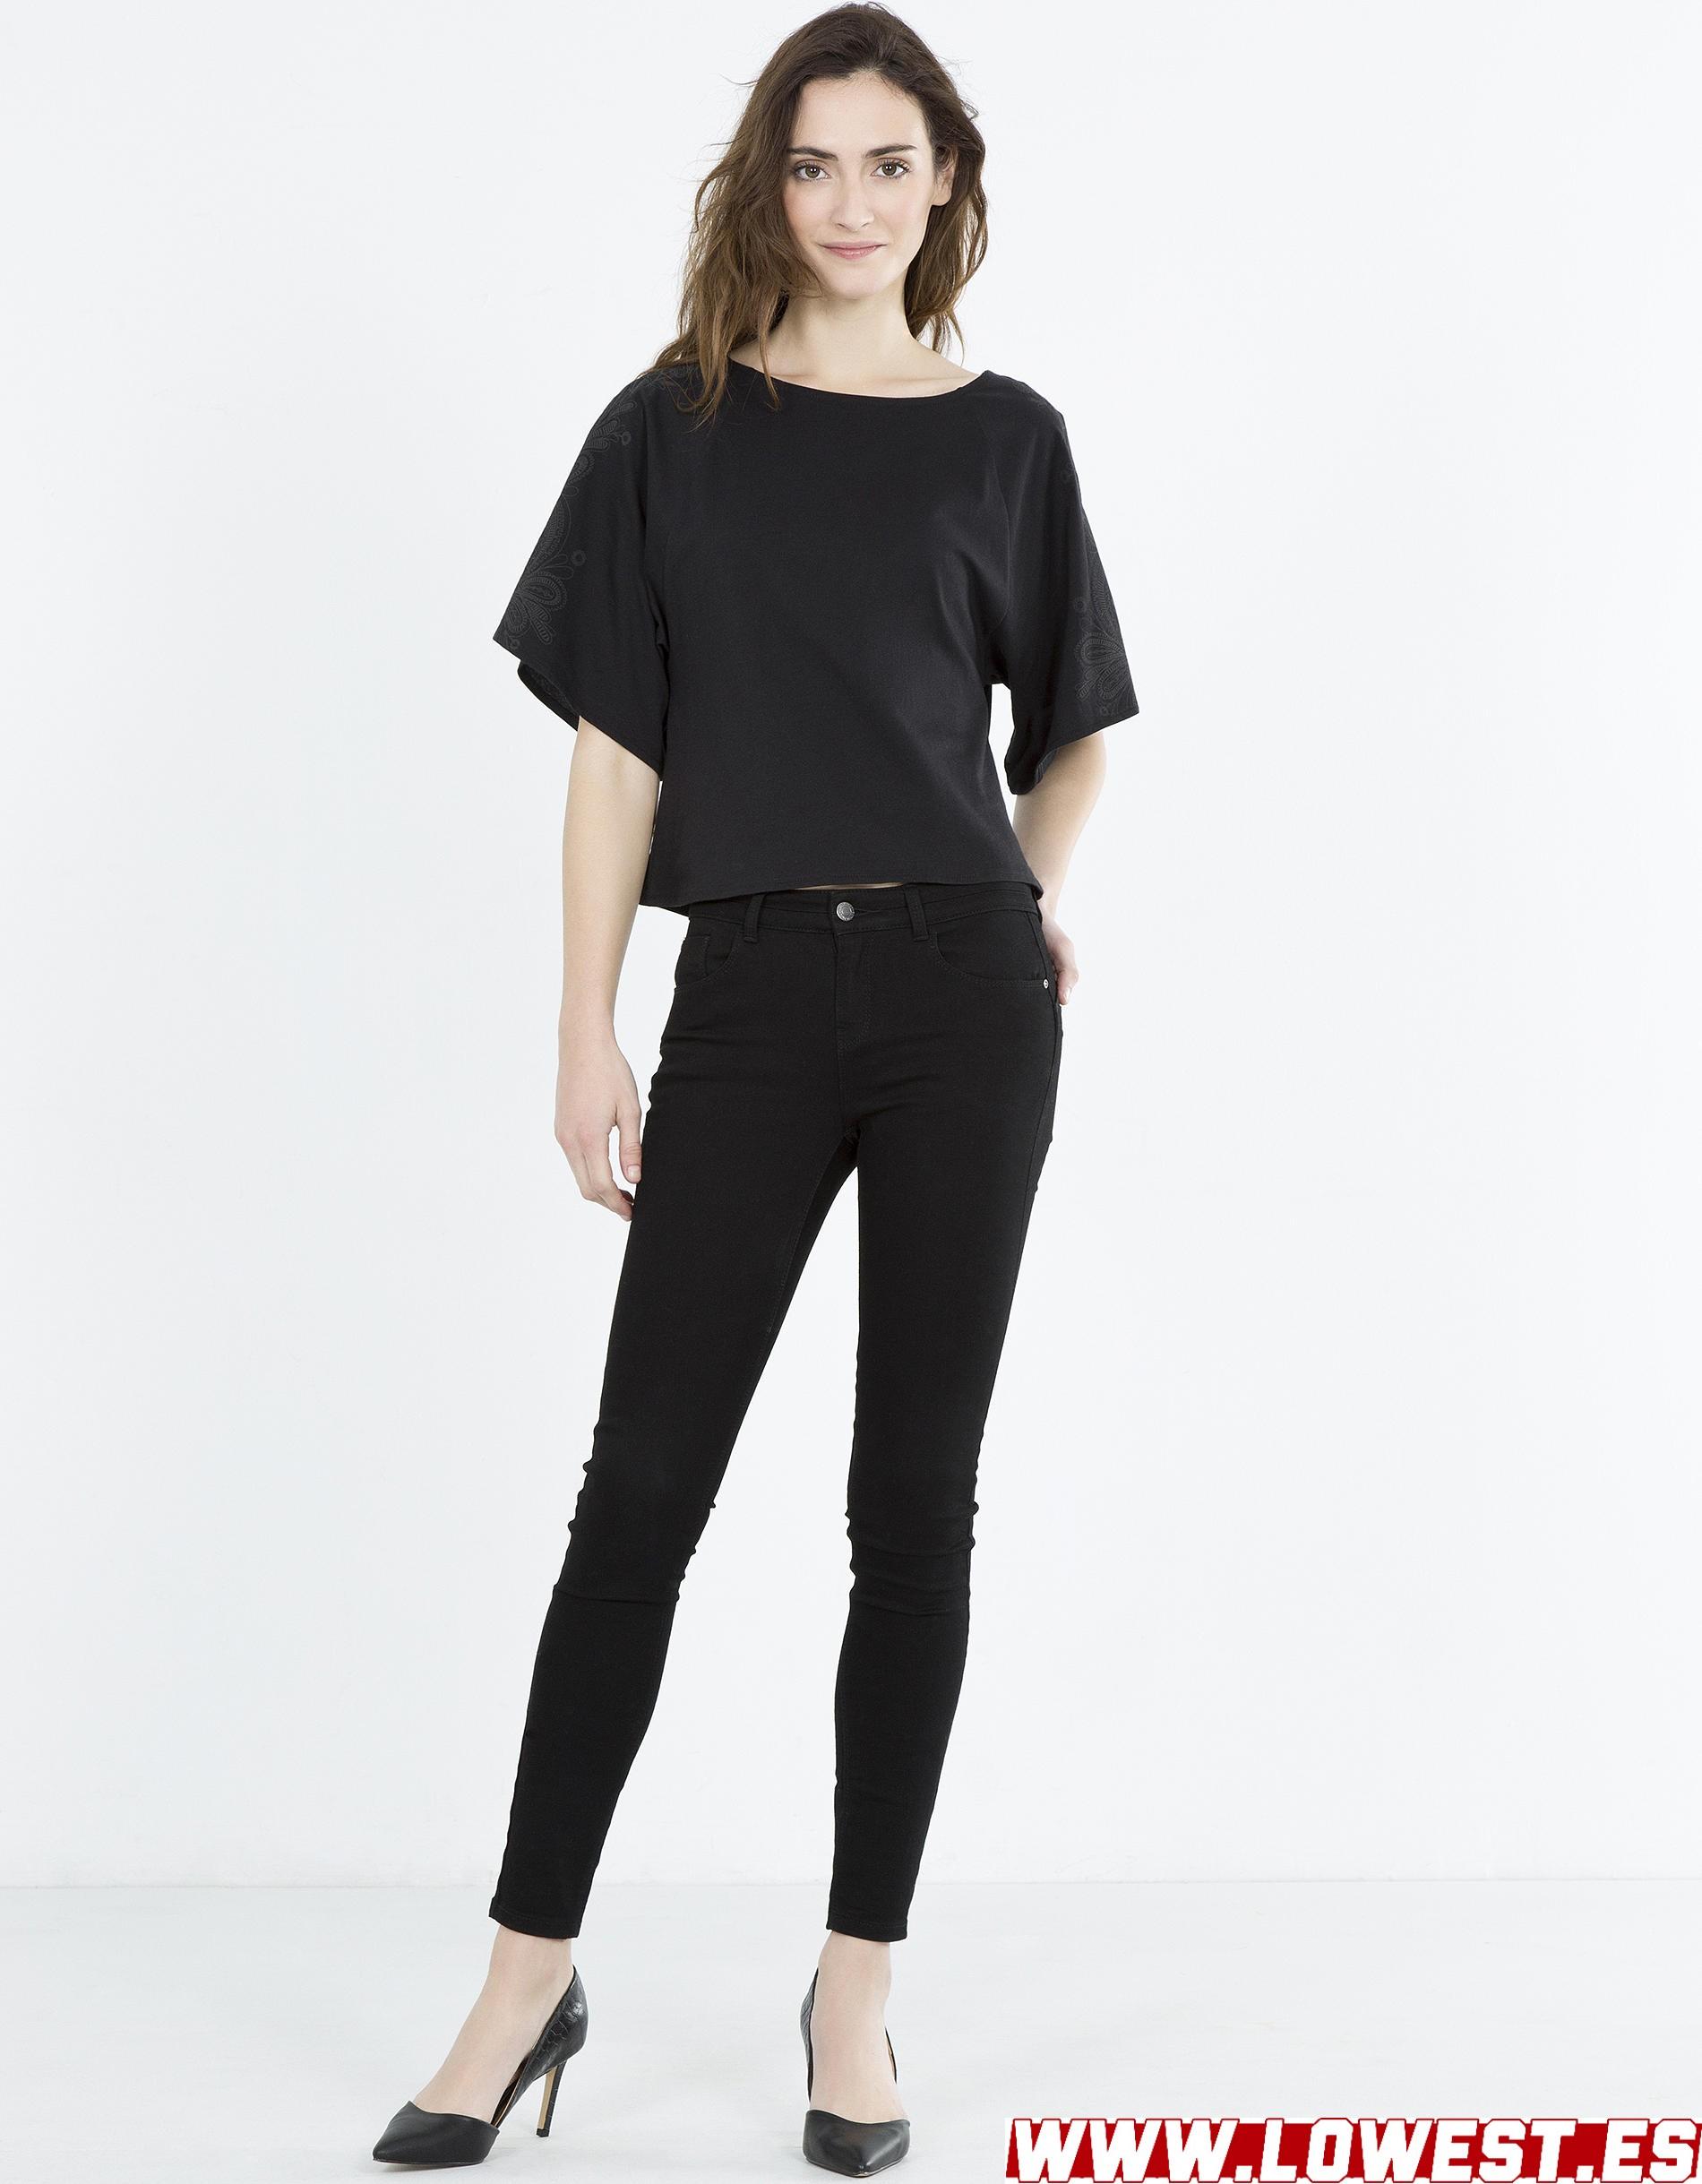 tendencias de moda de mujer blogueras mas guapas 2019 2020